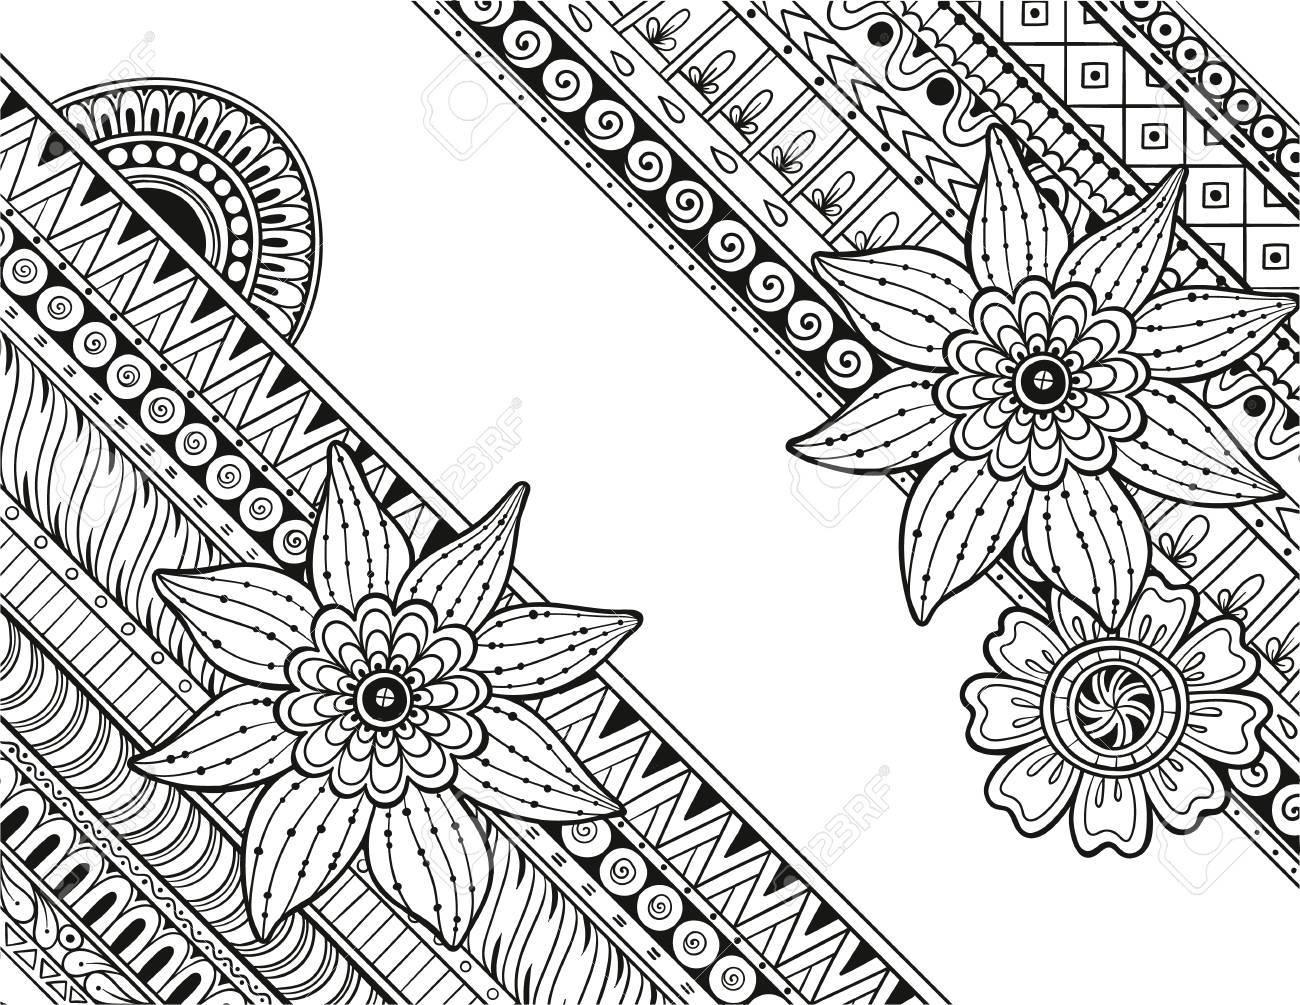 Patrón De Paisley Doodle Floral Del Vector Con Las Mandalas Y Flores Tarjeta Perfecta Para Cualquier Tipo De Diseño Cumpleaños Y Otro Día De